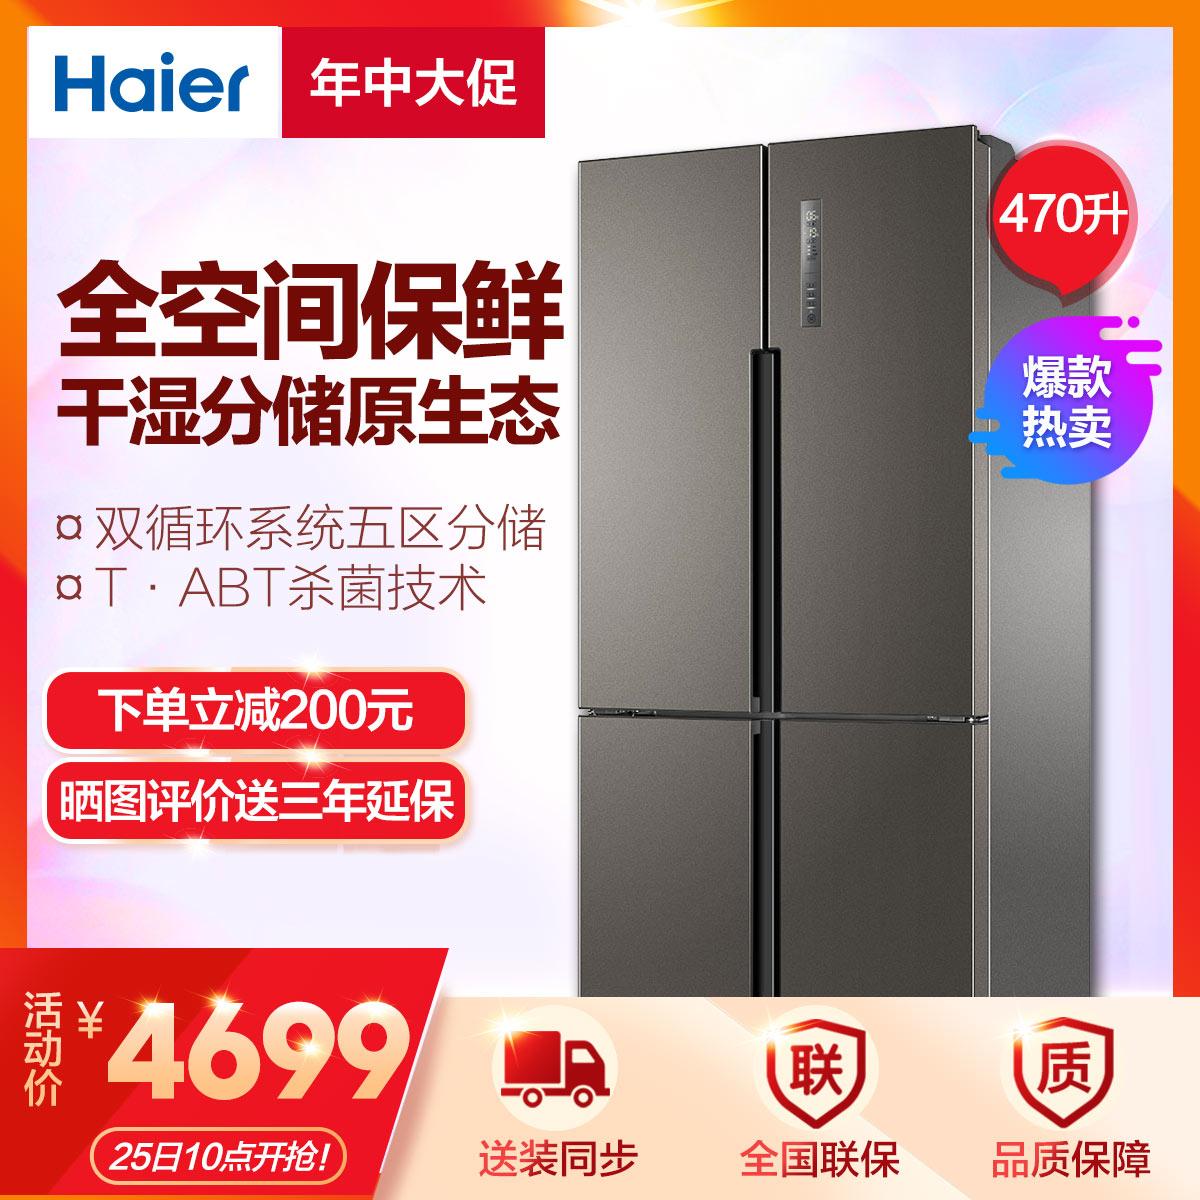 Haier/海尔 冰箱 BCD-470WDPG 470升十字对开变频静音节能干湿分储电冰箱